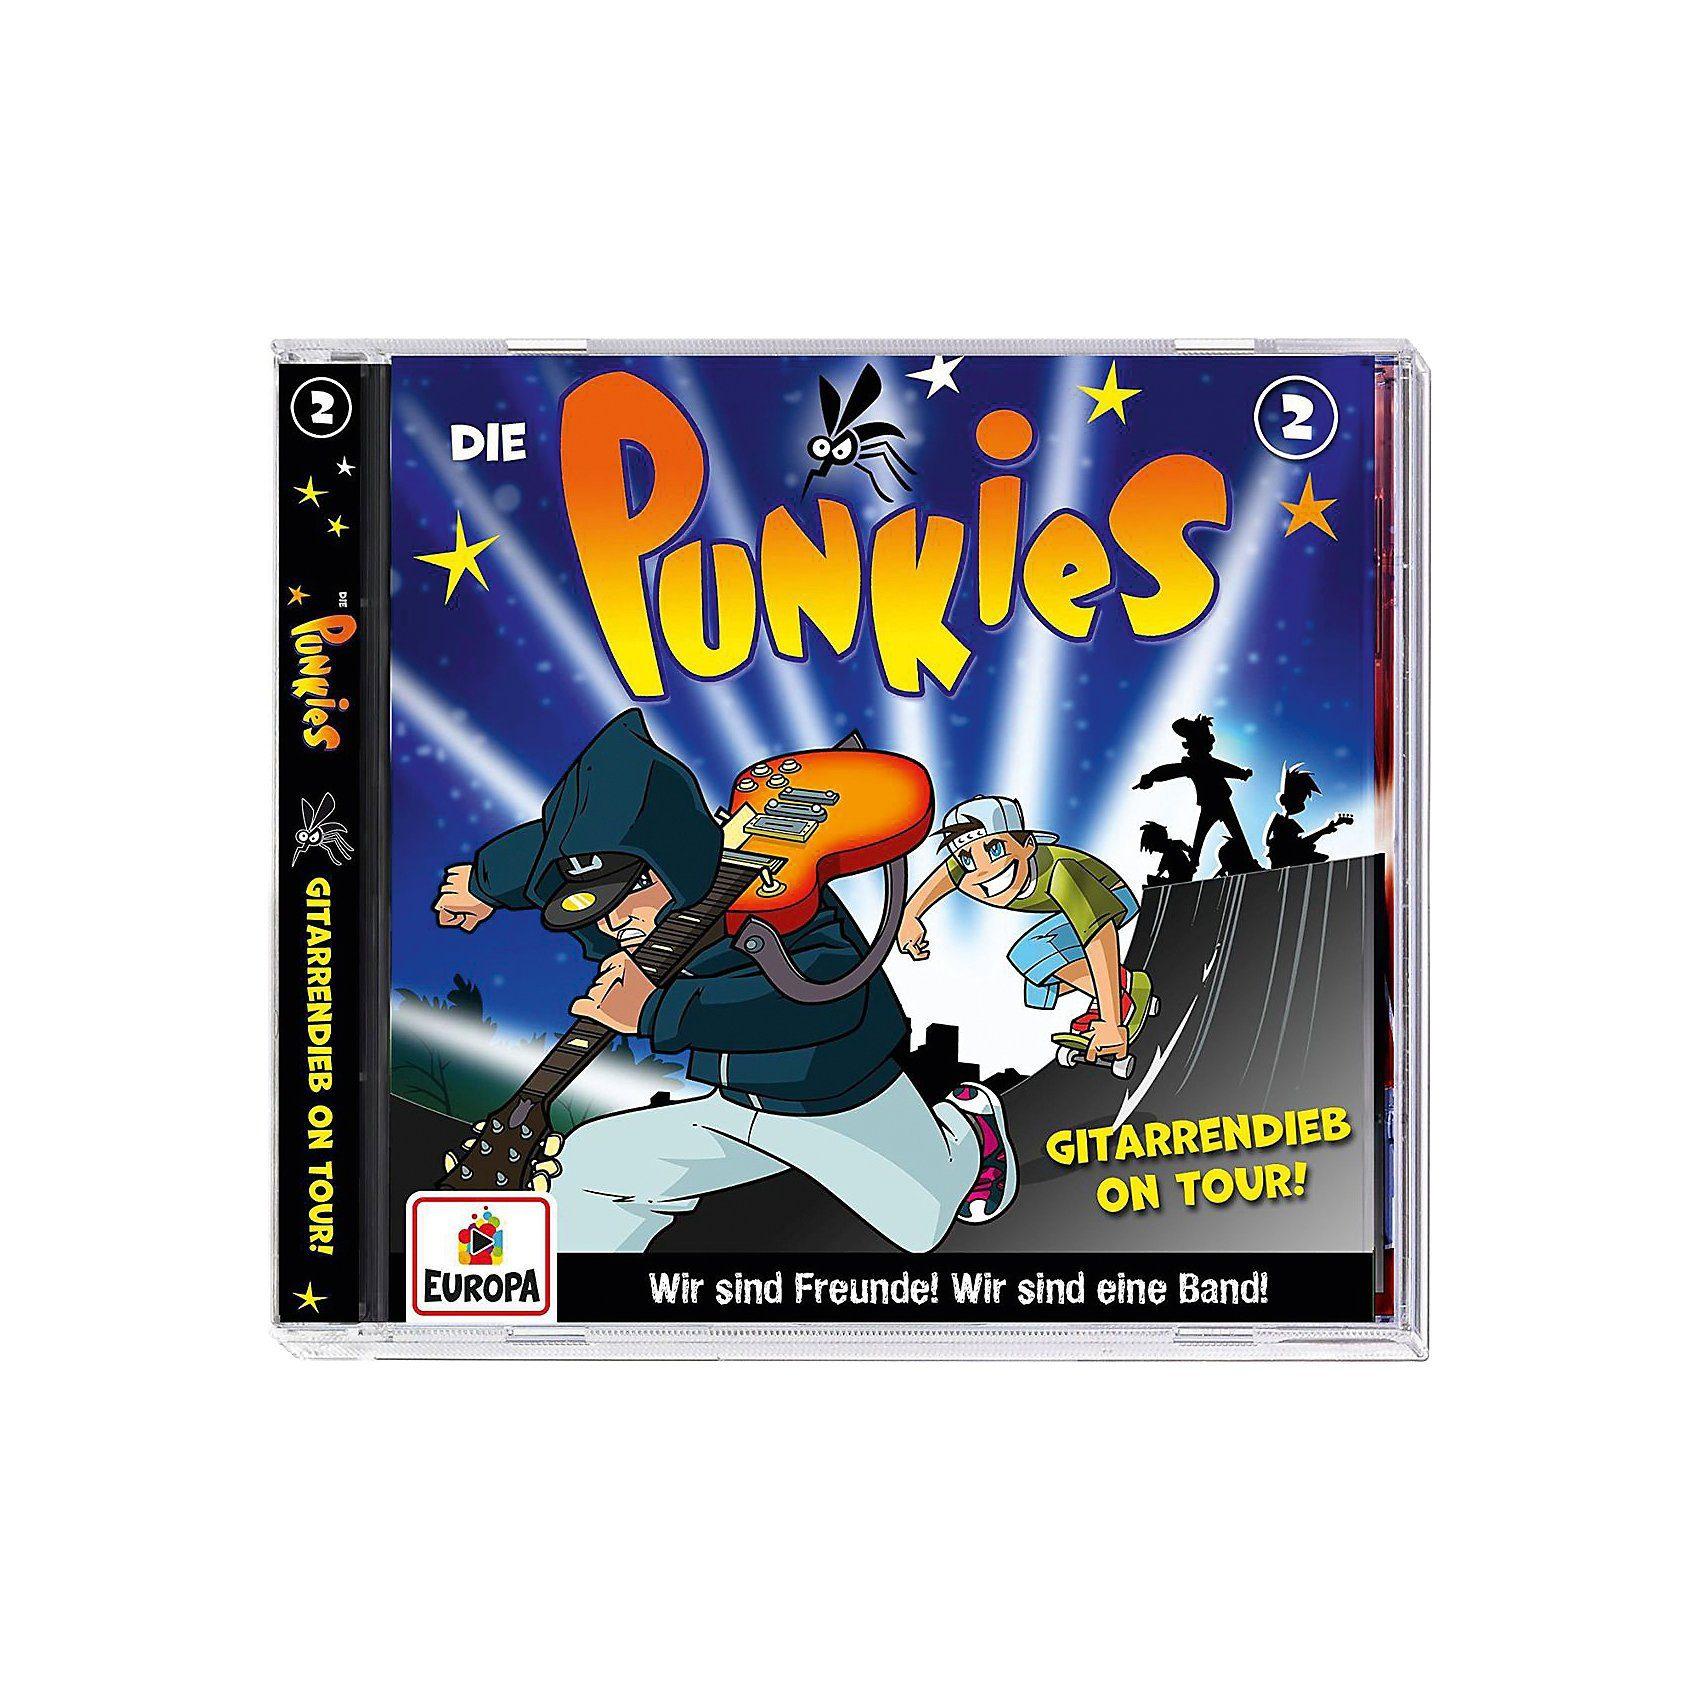 Sony CD Die Punkies 02 - Gitarrendieb on tour!